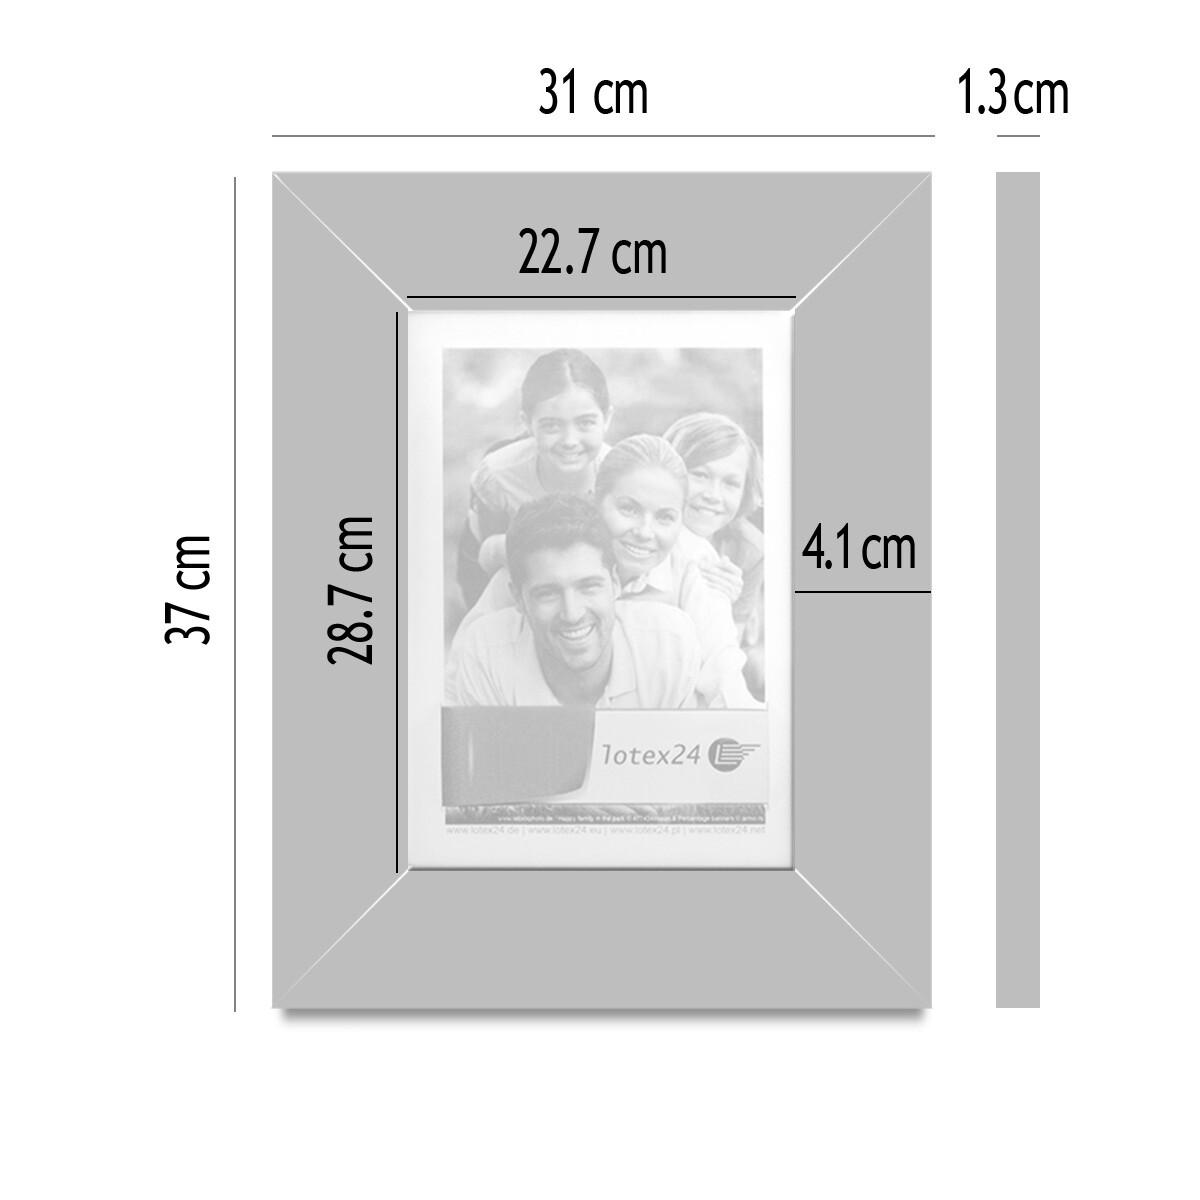 Ziemlich Rahmen 24 X 30 Fotos - Benutzerdefinierte Bilderrahmen ...